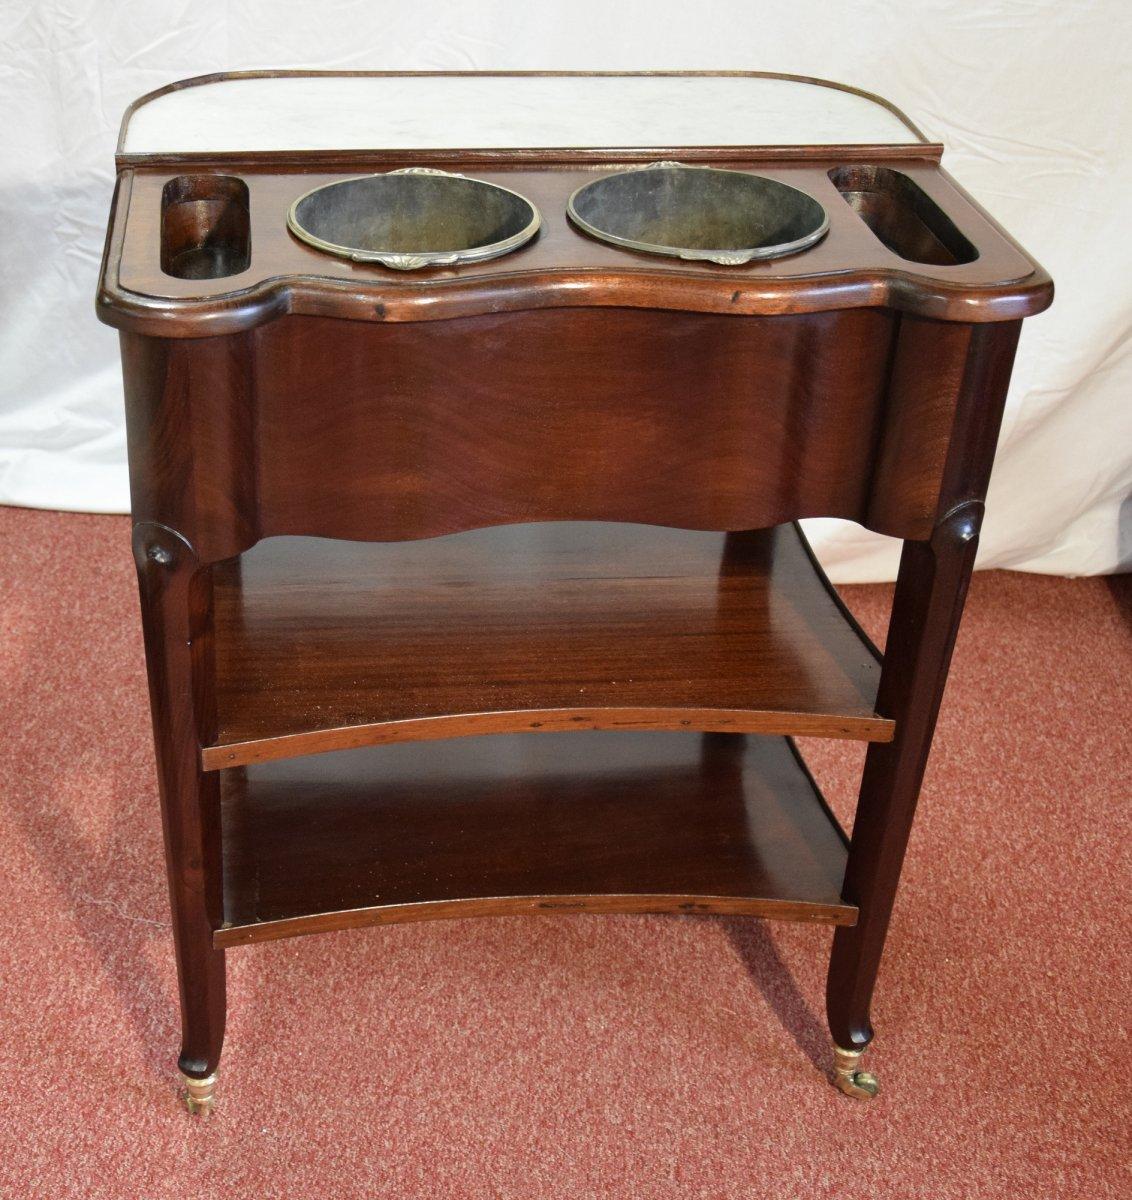 Table rafraichissoir en acajou dans le goût de Canabas, style transition LXV-LXVI, 19ème